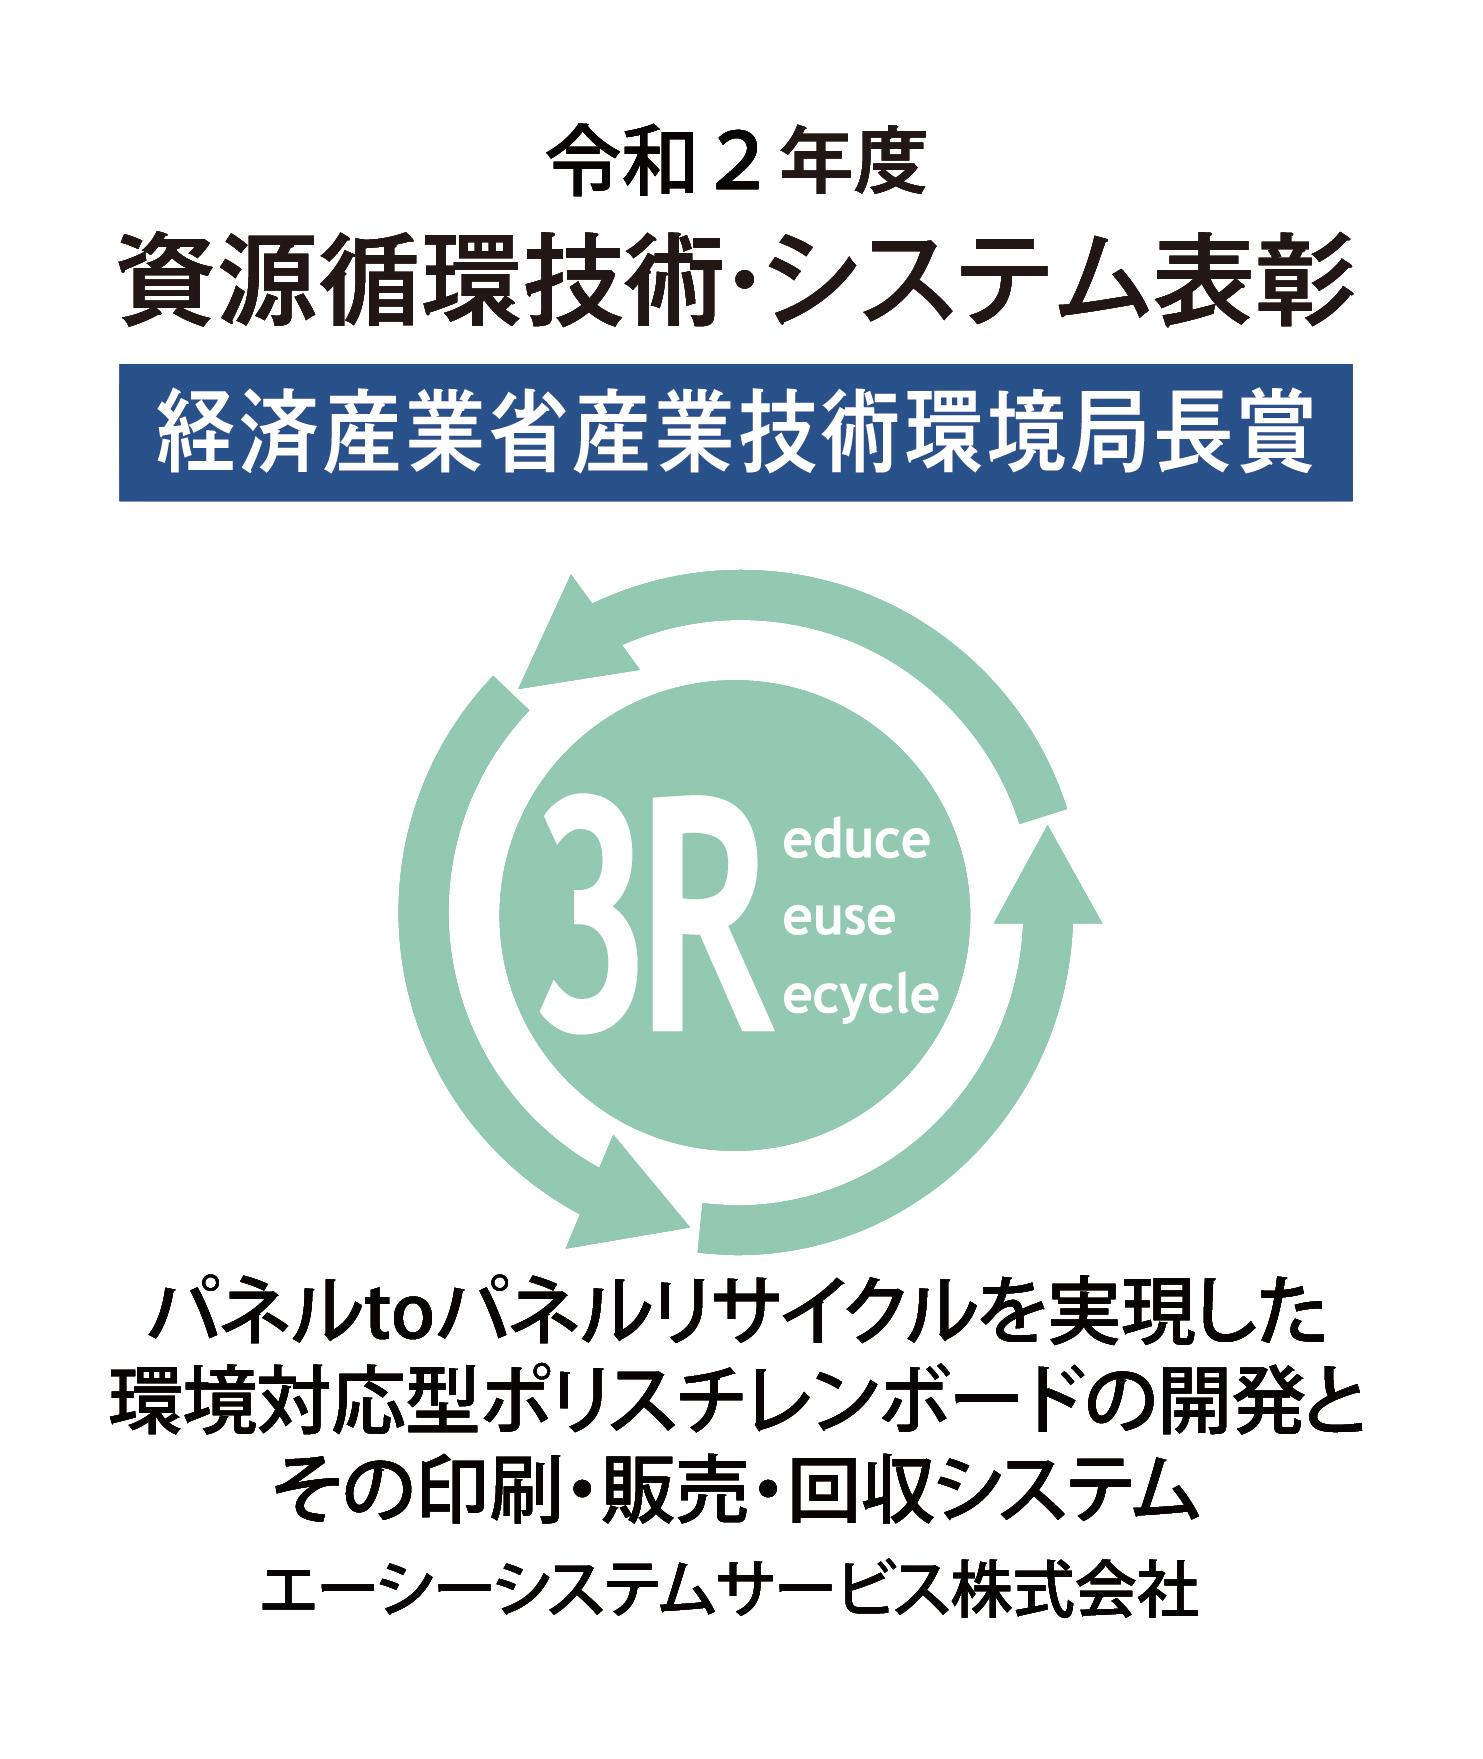 3RマークRecoボード